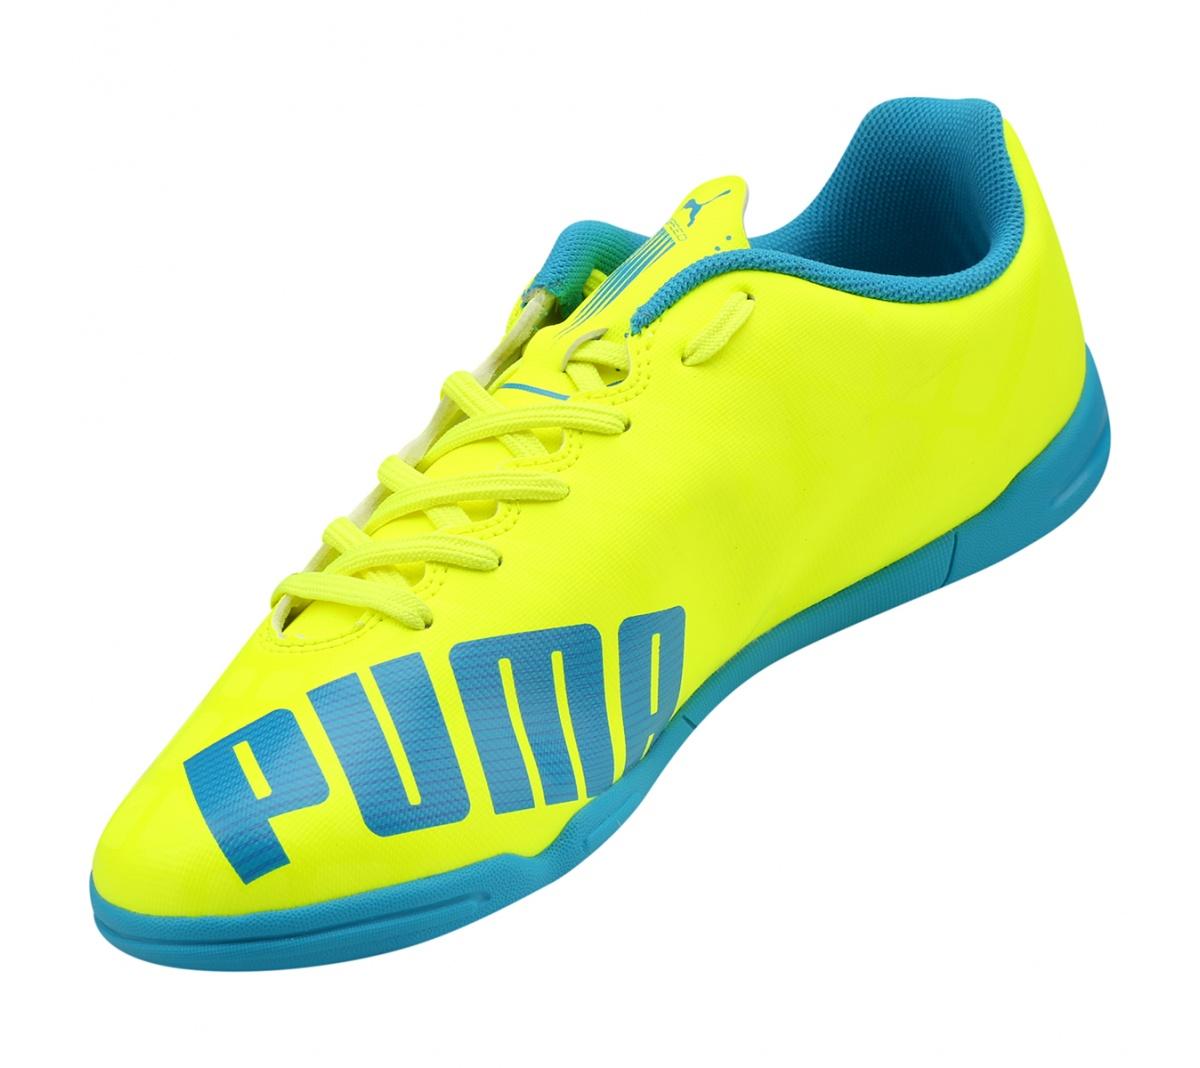 Tenis Puma EvoSpeed 4.4 Futsal